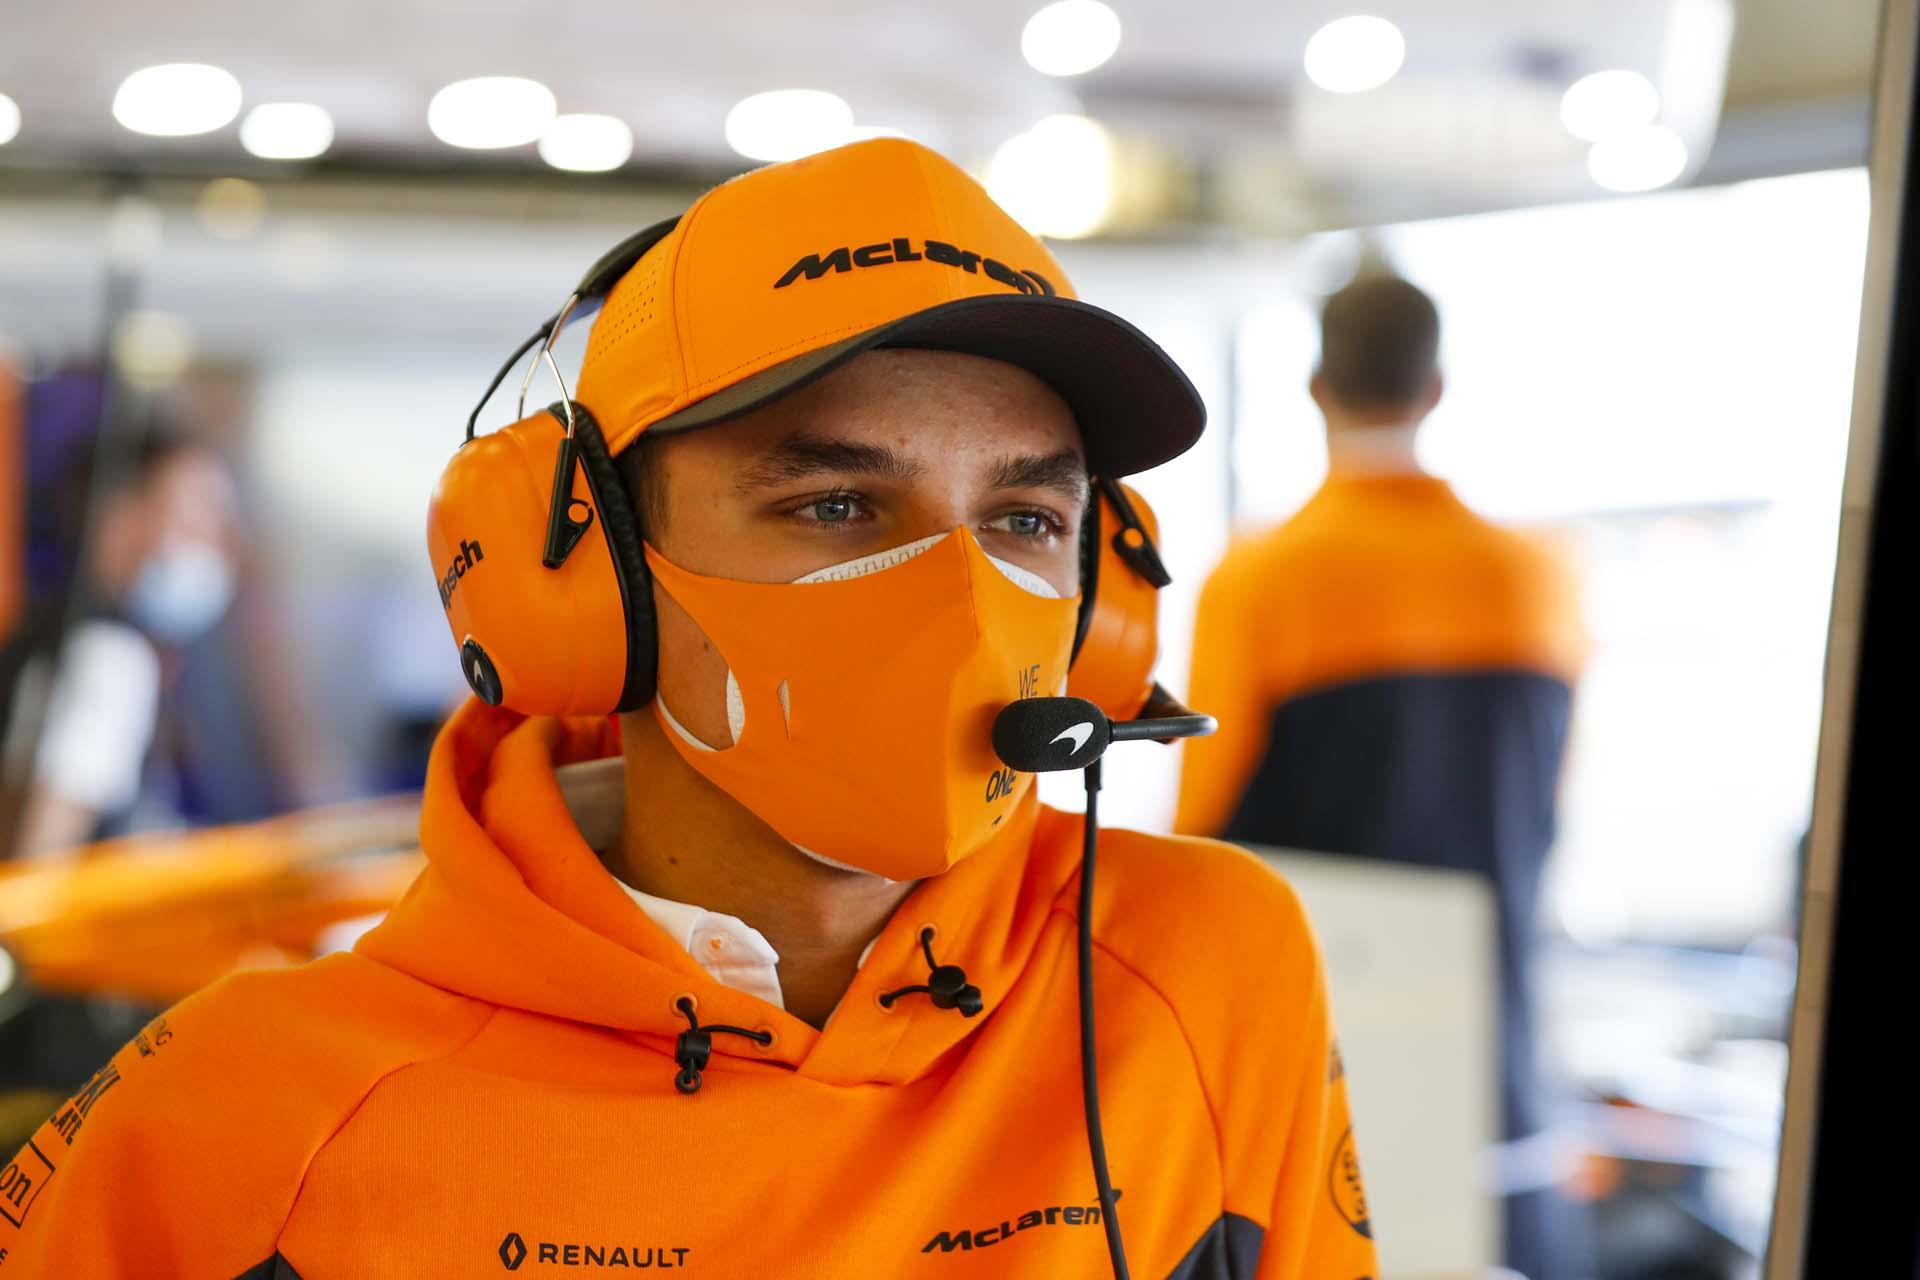 Lando Norris, McLaren in the garage